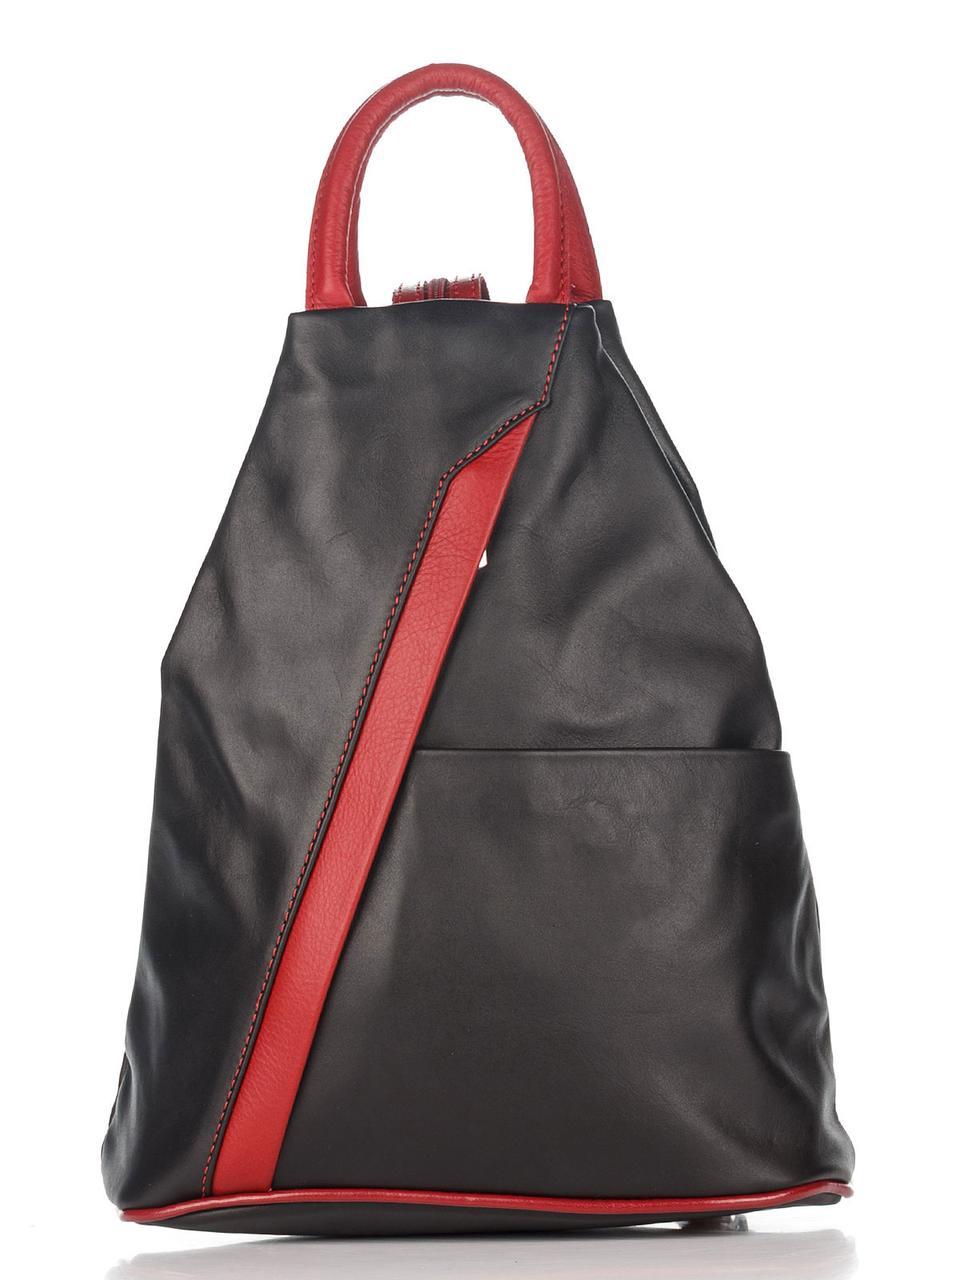 Итальянский женский  кожаный рюкзак STEFANIA Diva's Bag цвет черный/бордовый